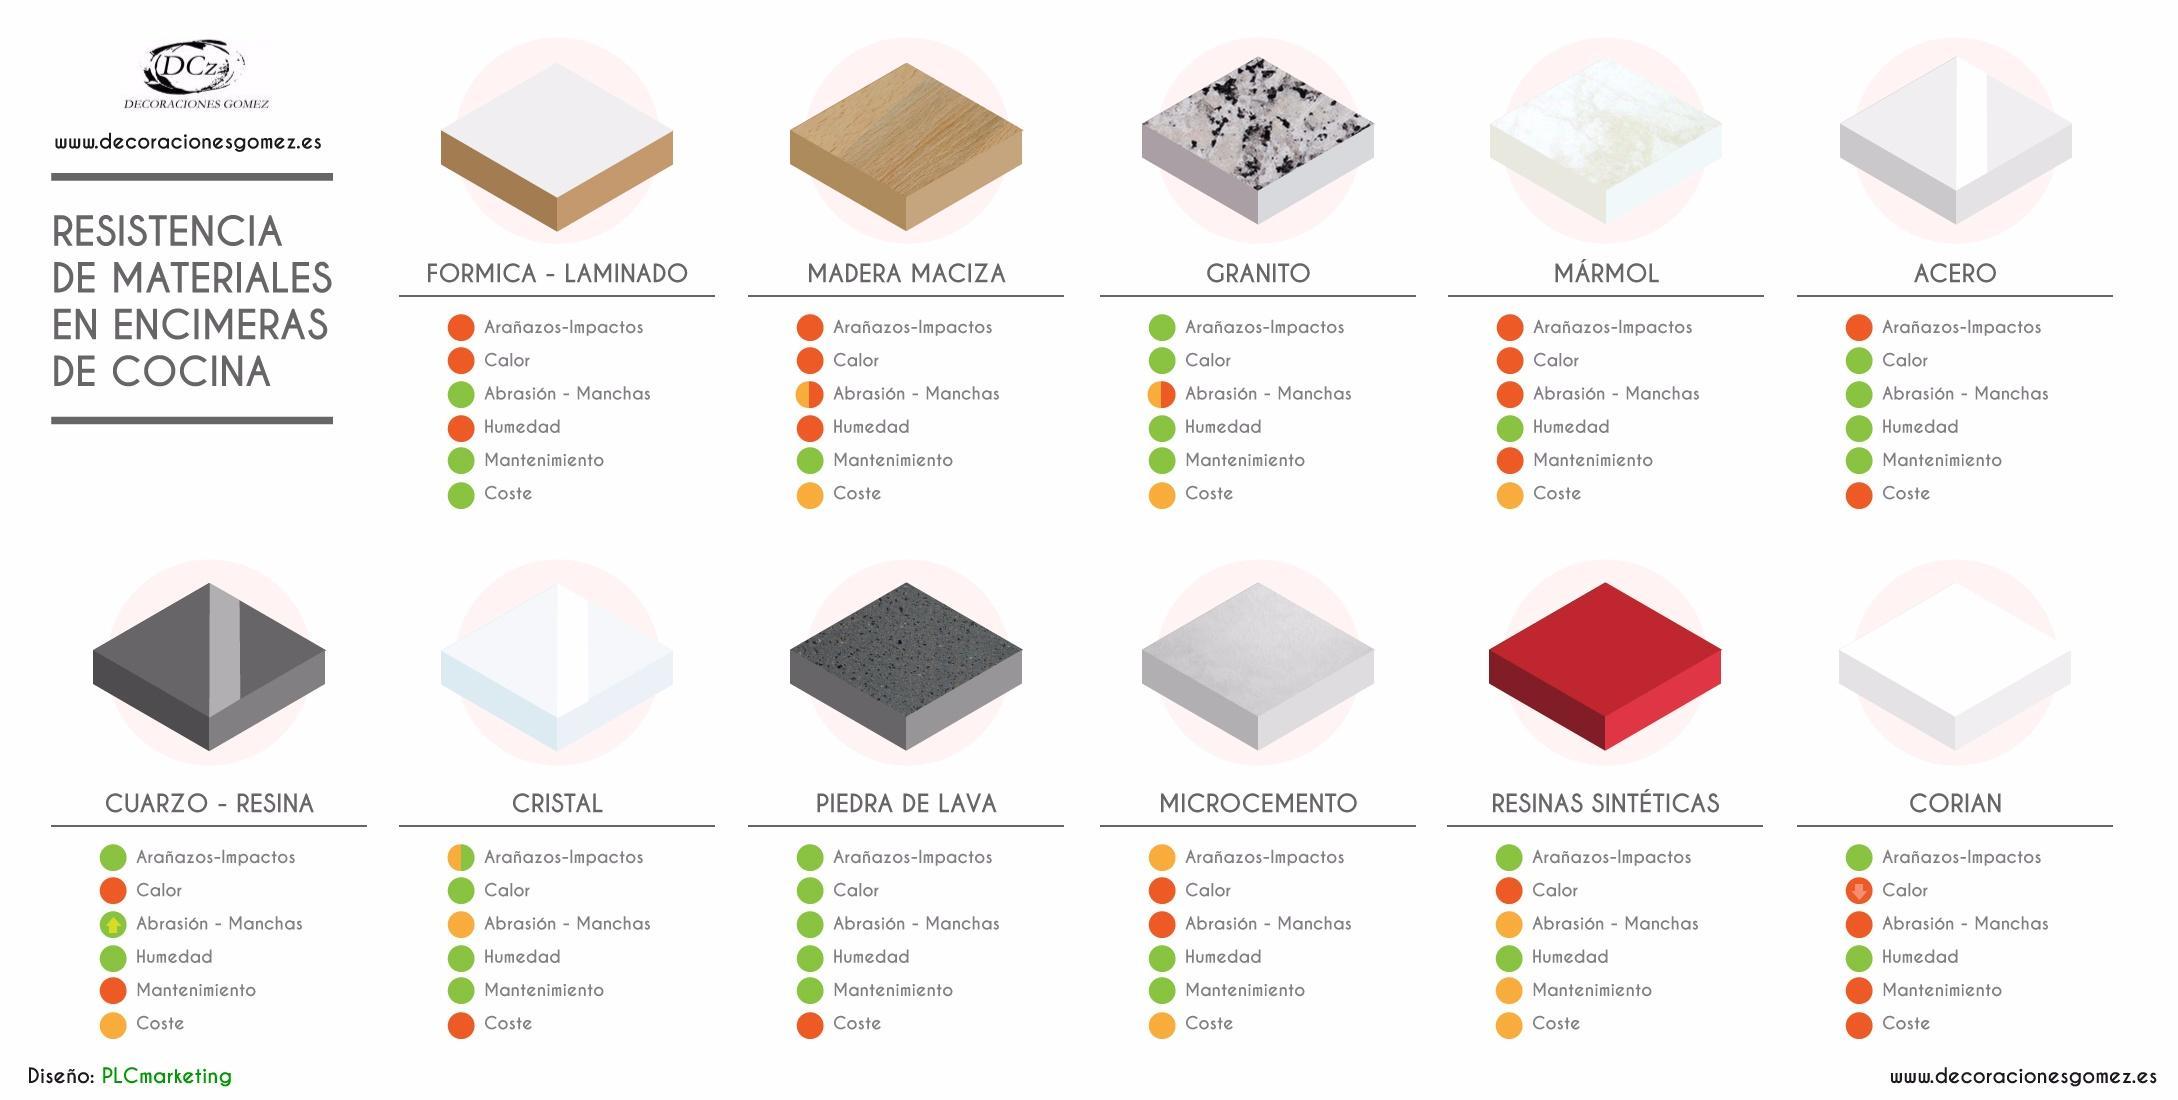 Materiales encimeras de cocina consejos y comparaci n - Material de cocina ...